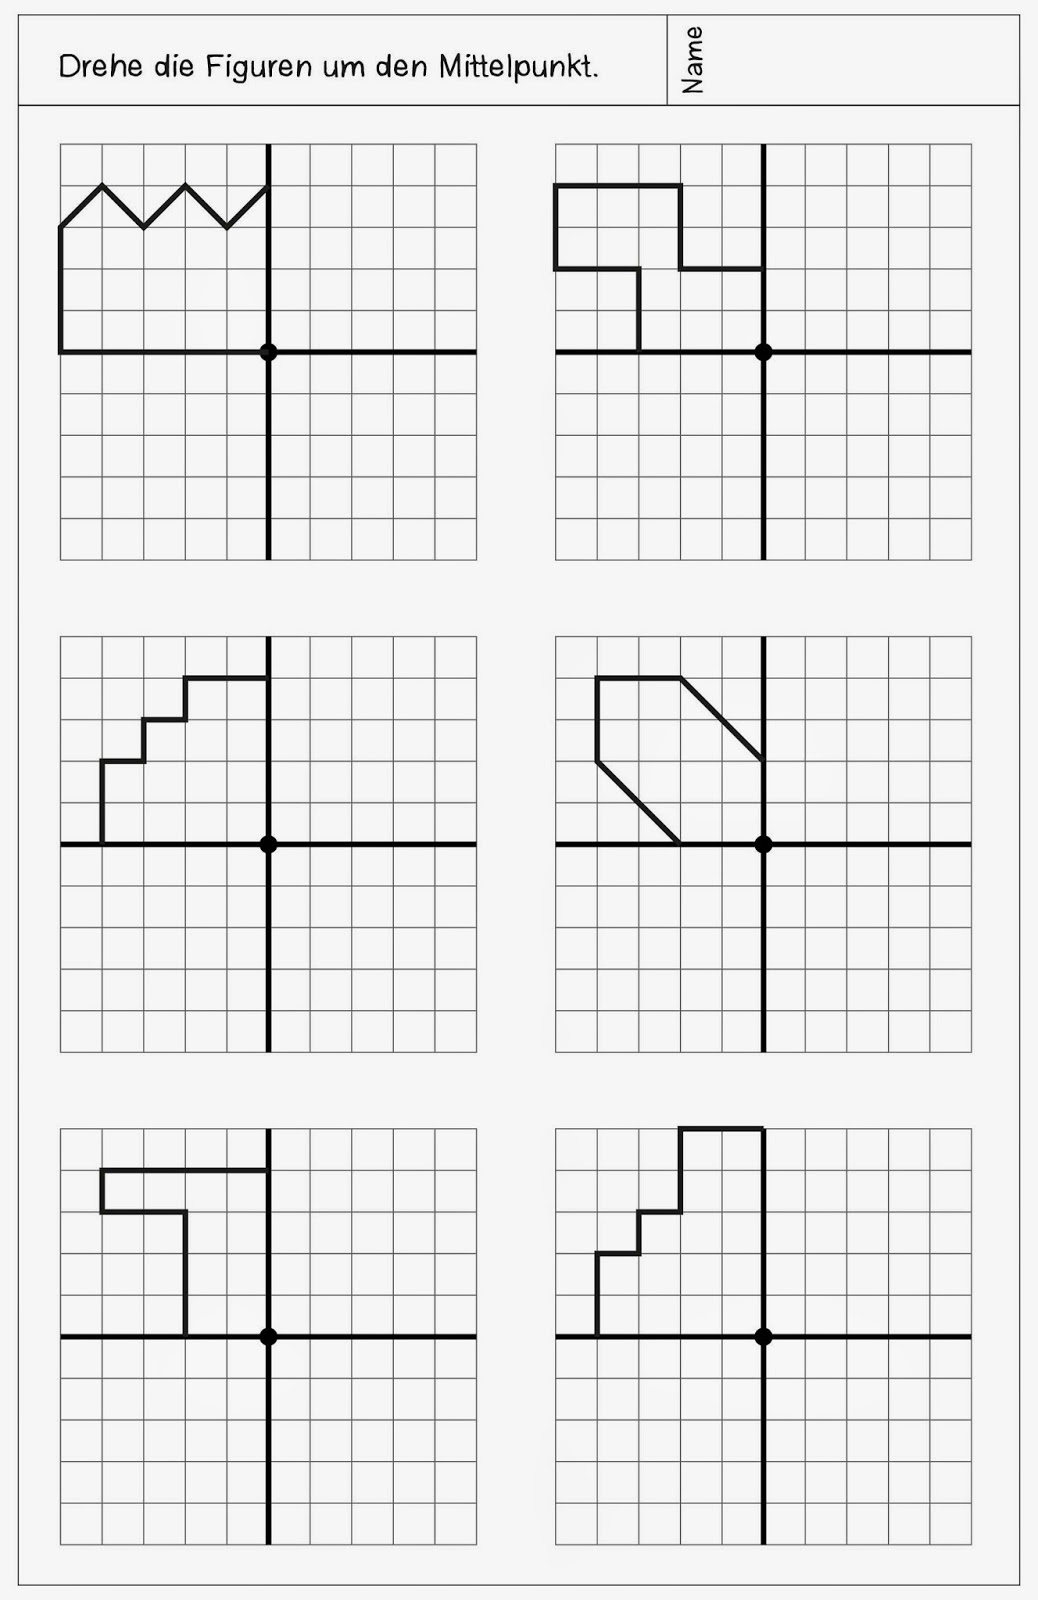 Lernstübchen: neue Arbeitsblätter zur Drehsymmetrie